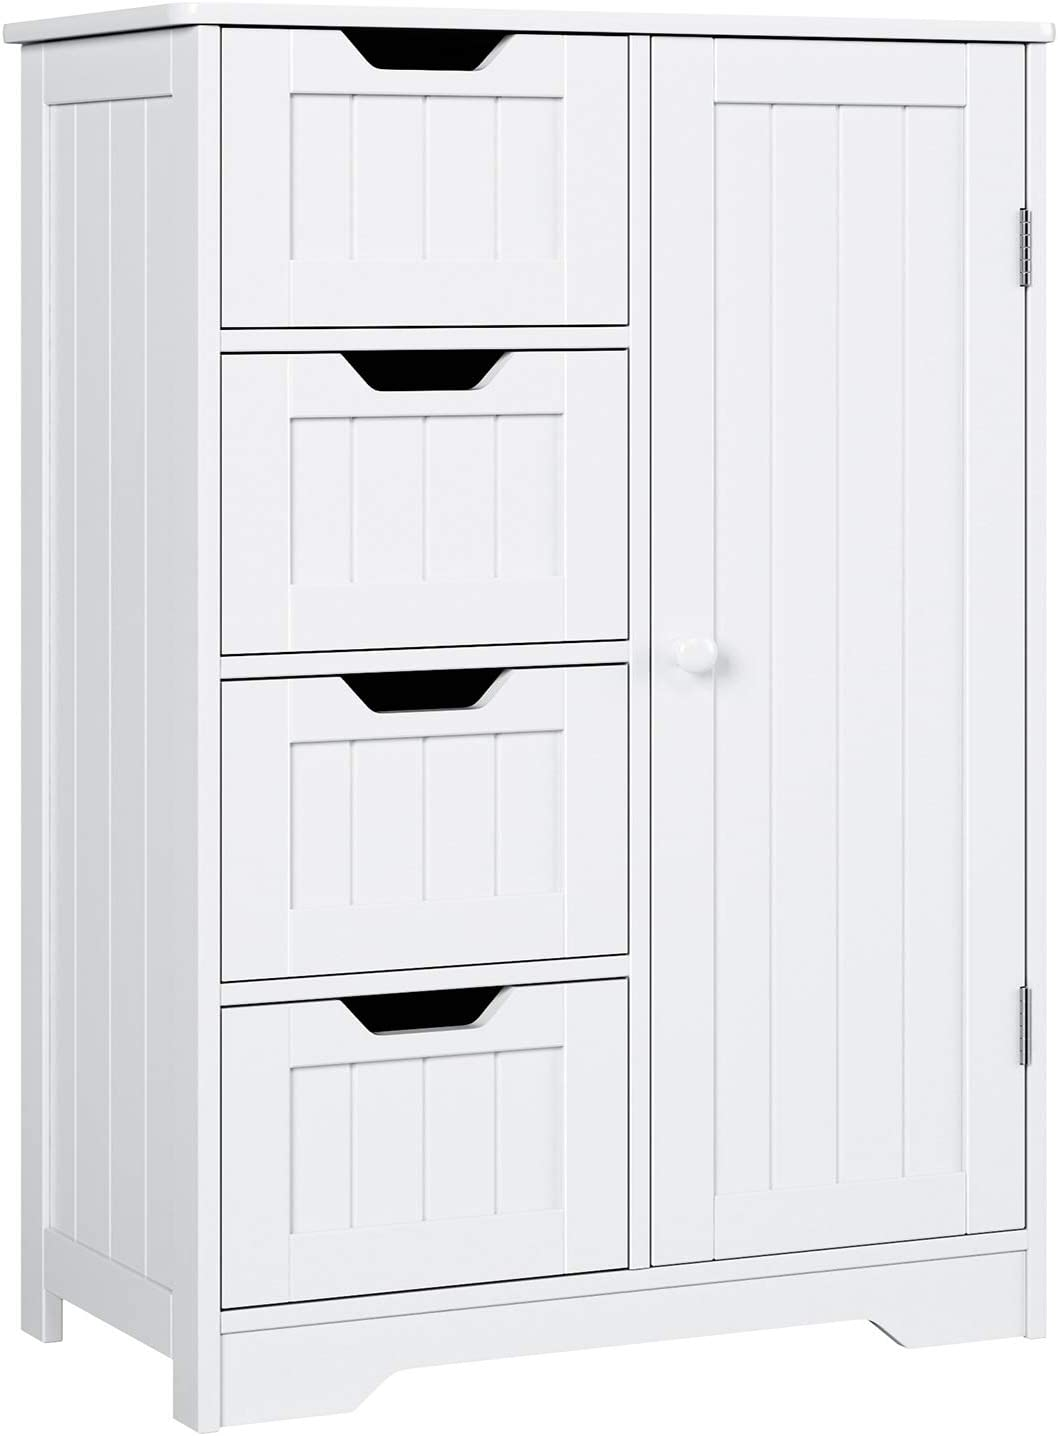 Homfa Armario Mueble Almacenaje Organizador para baño Cocina salón y Dormitorio 4 Cajones y 1 Puerta 56x30x83cm Blanco